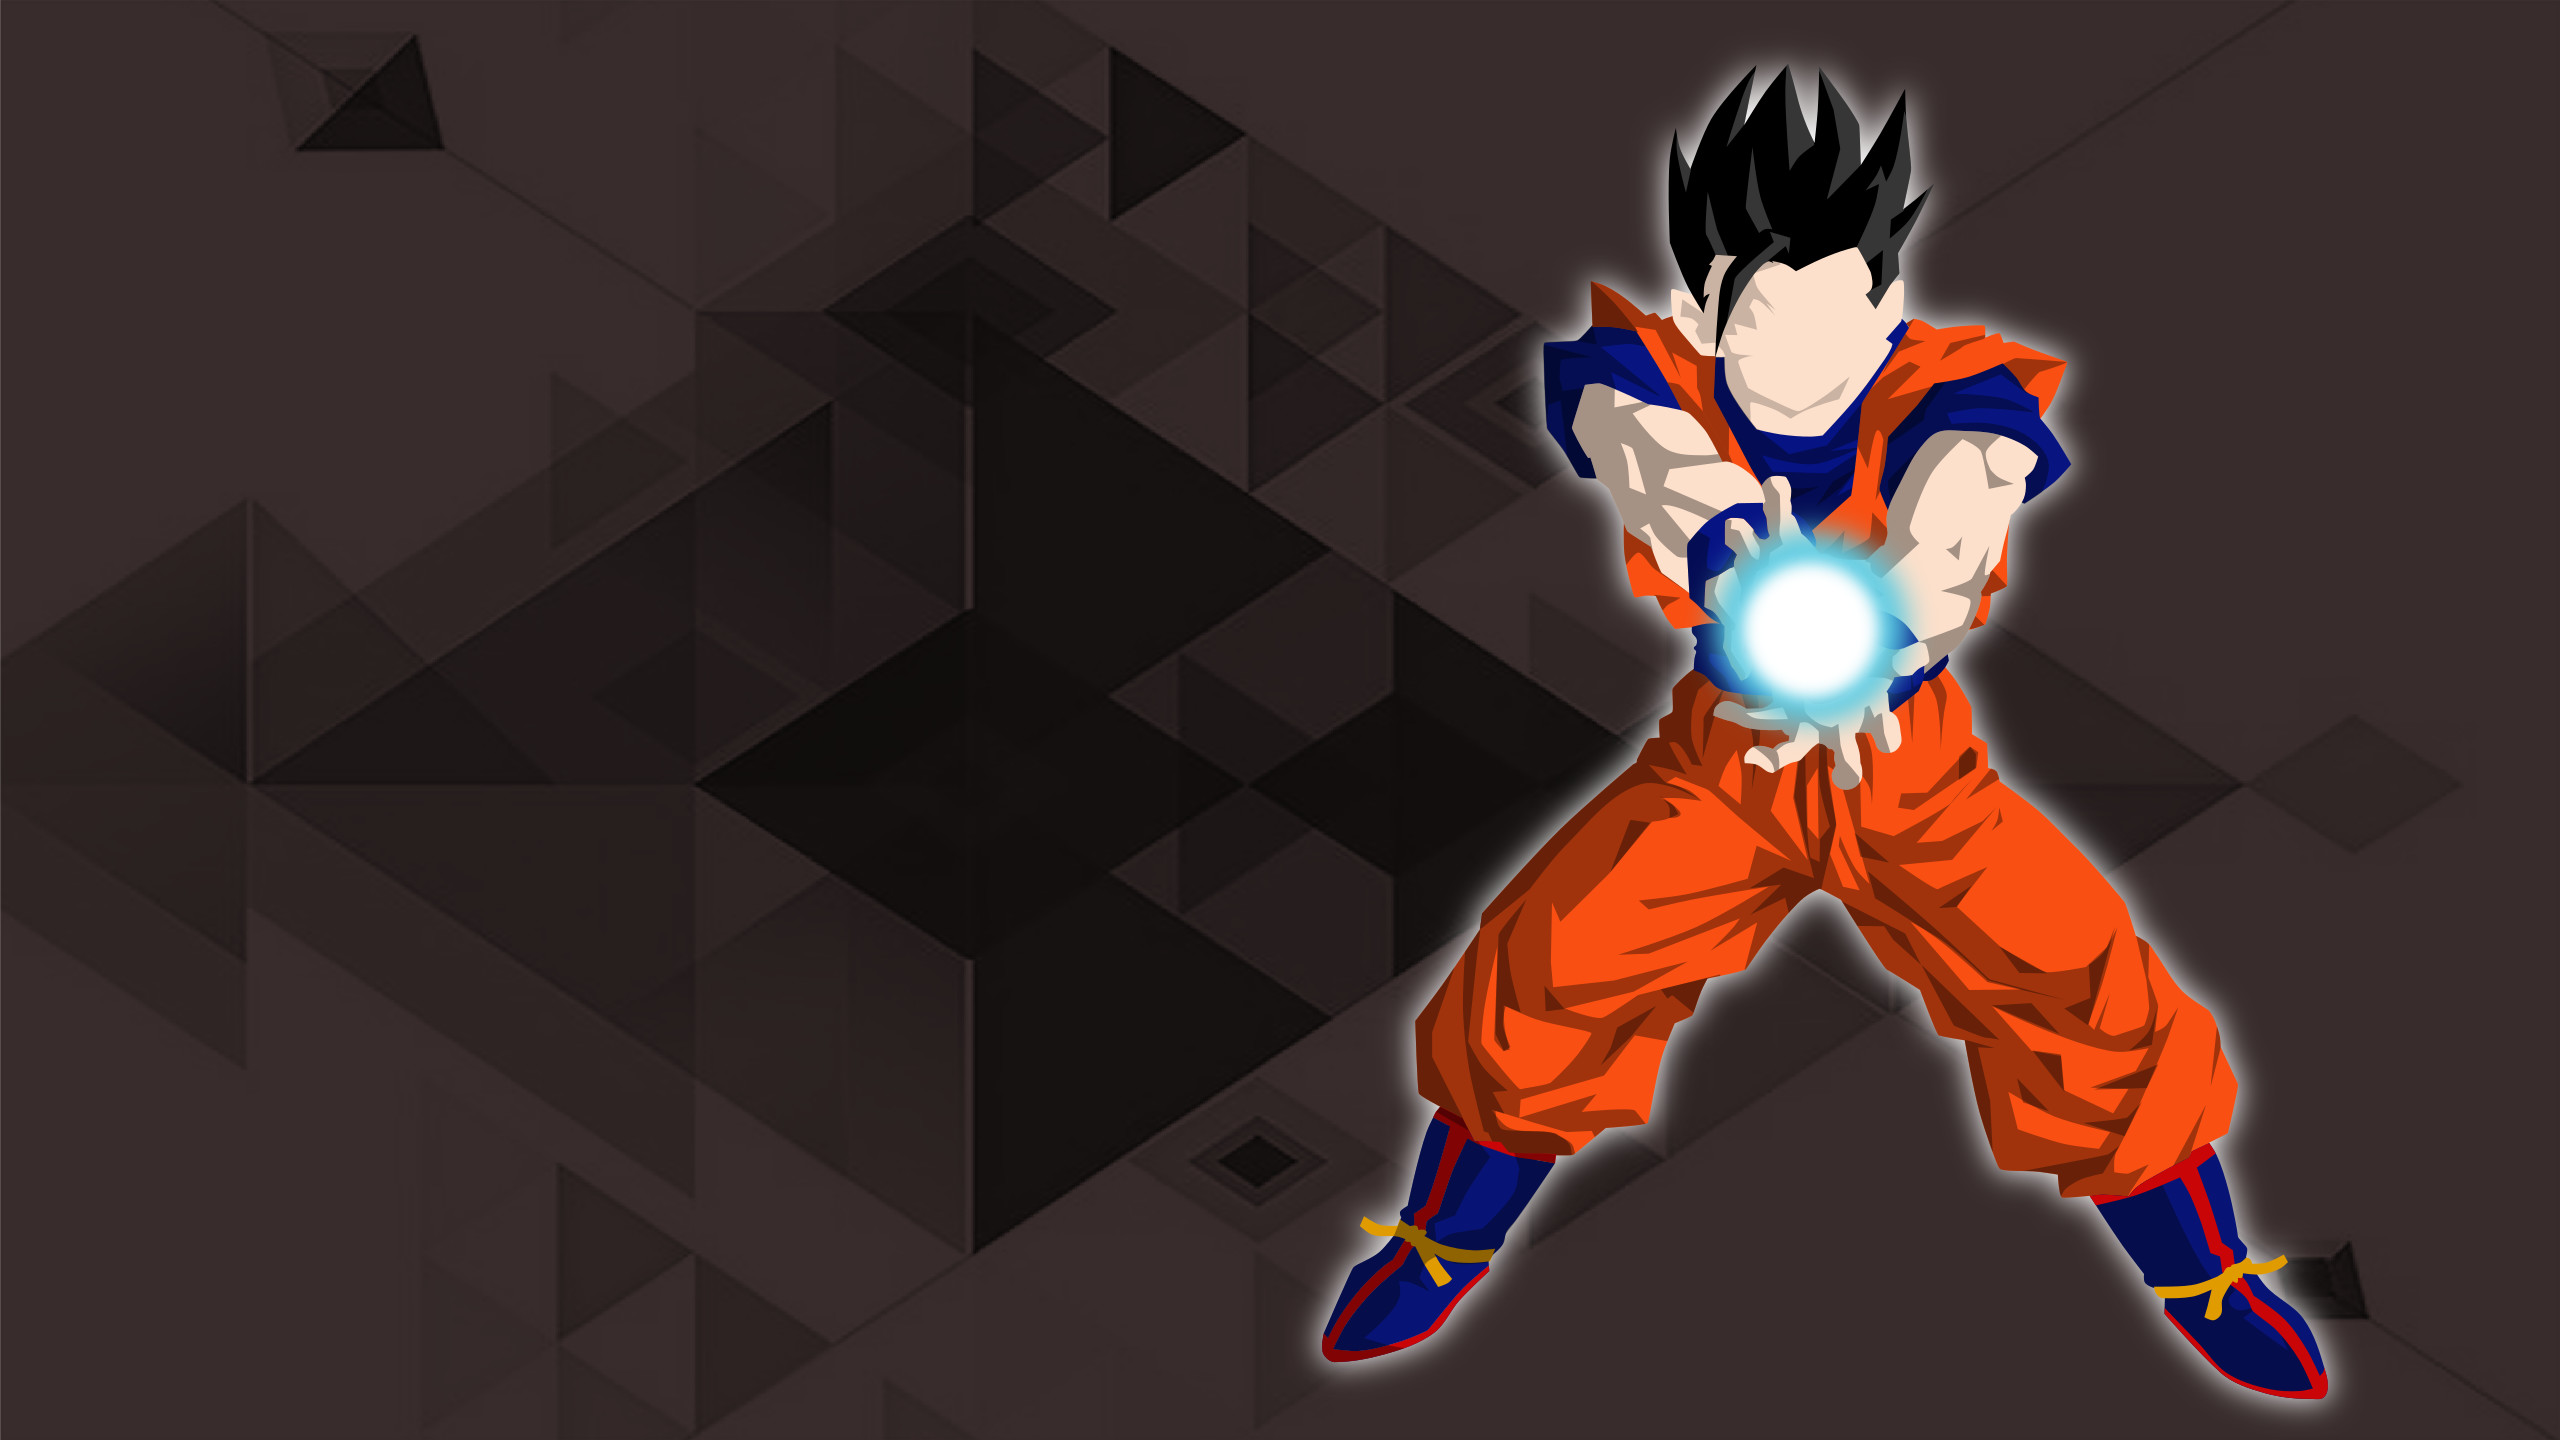 Res: 2560x1440, Anime - Dragon Ball Super Anime Minimalist Gohan (Dragon Ball) Wallpaper